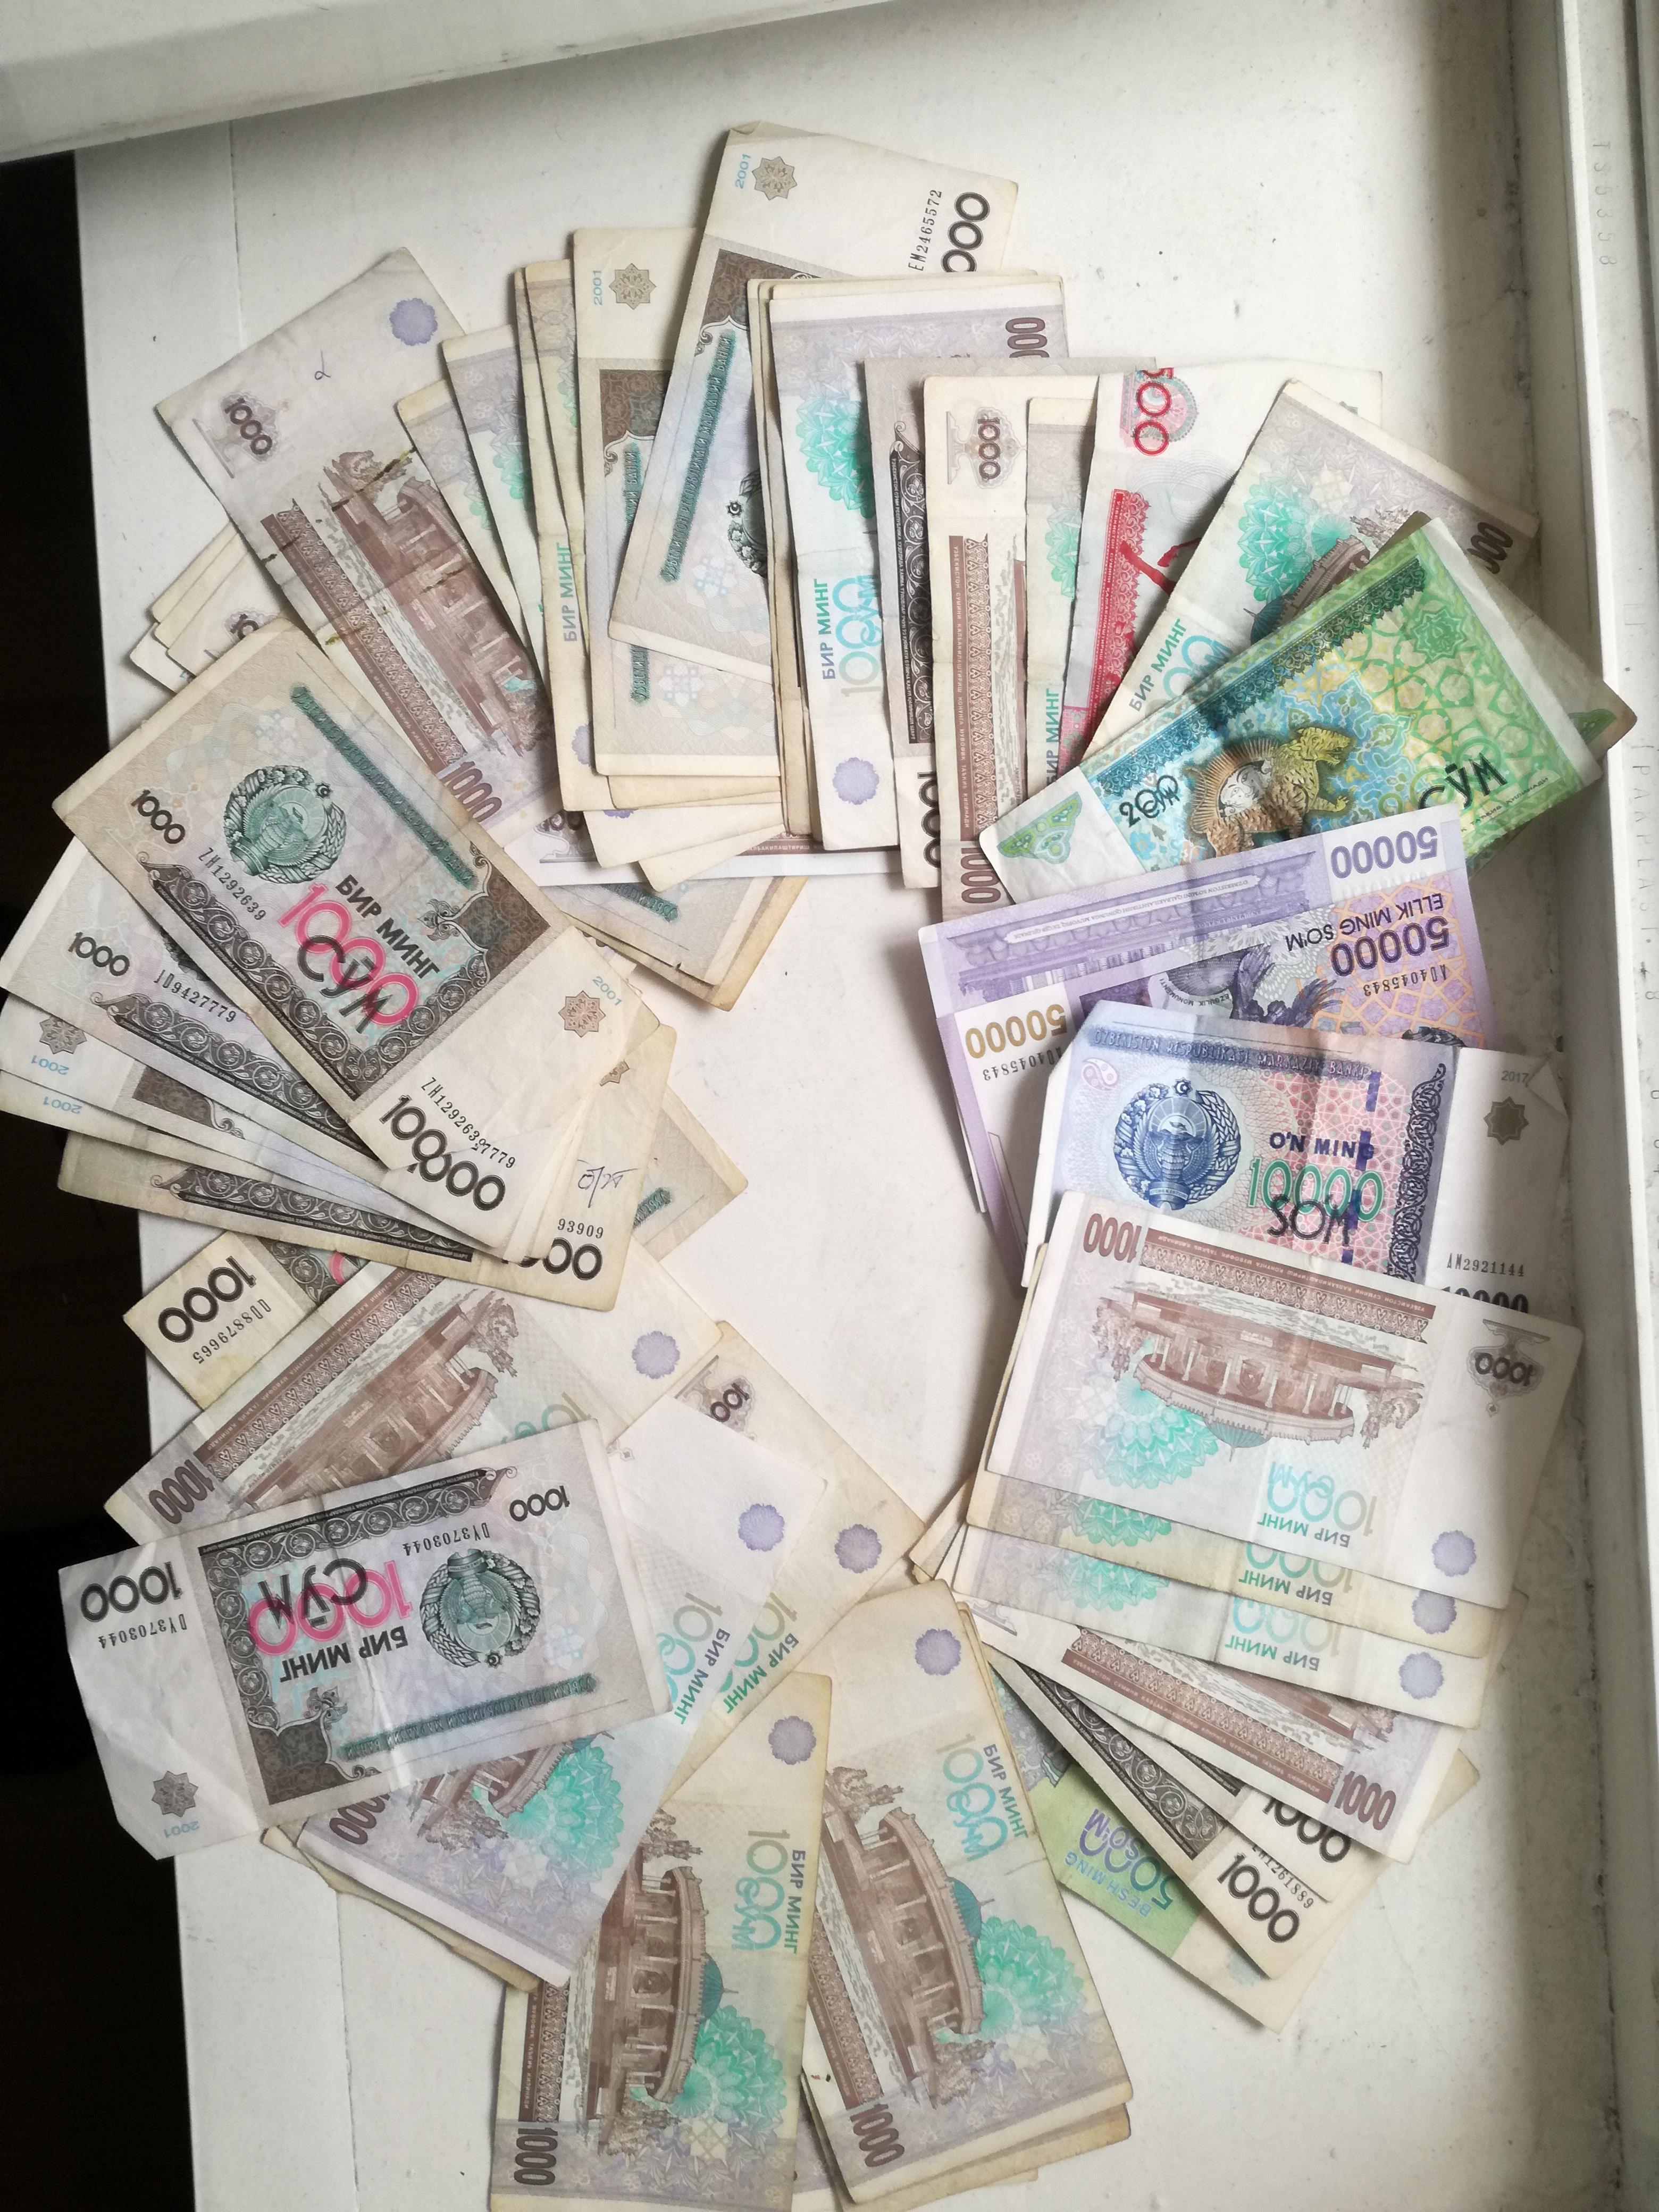 Tundub nagu oleks rikas? Tegelikult on pildil umbes 15 eurot usbekistani rahas.